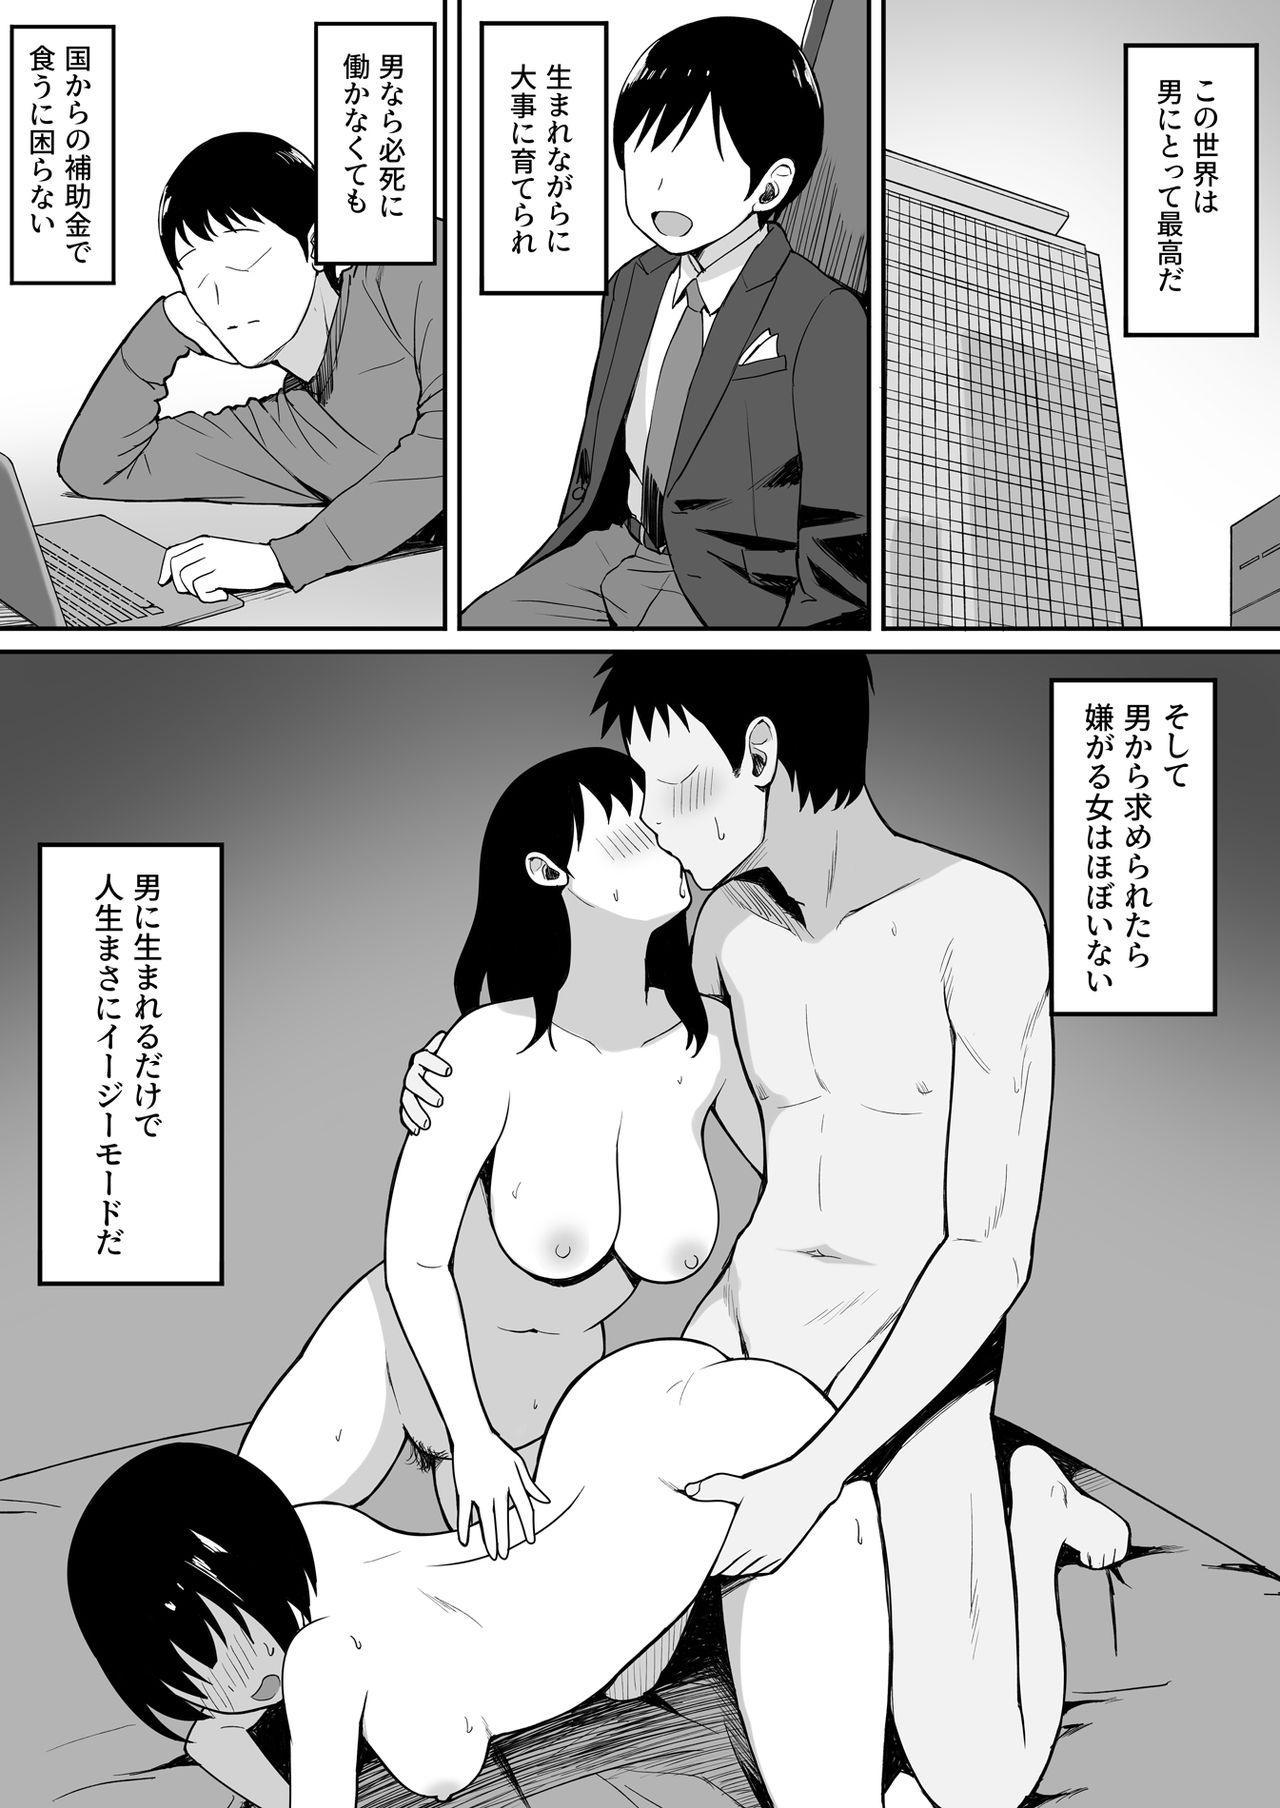 Otoko no Kazu ga 10-bun no 1 ni Natta Sekai de Shitai Houdai 16